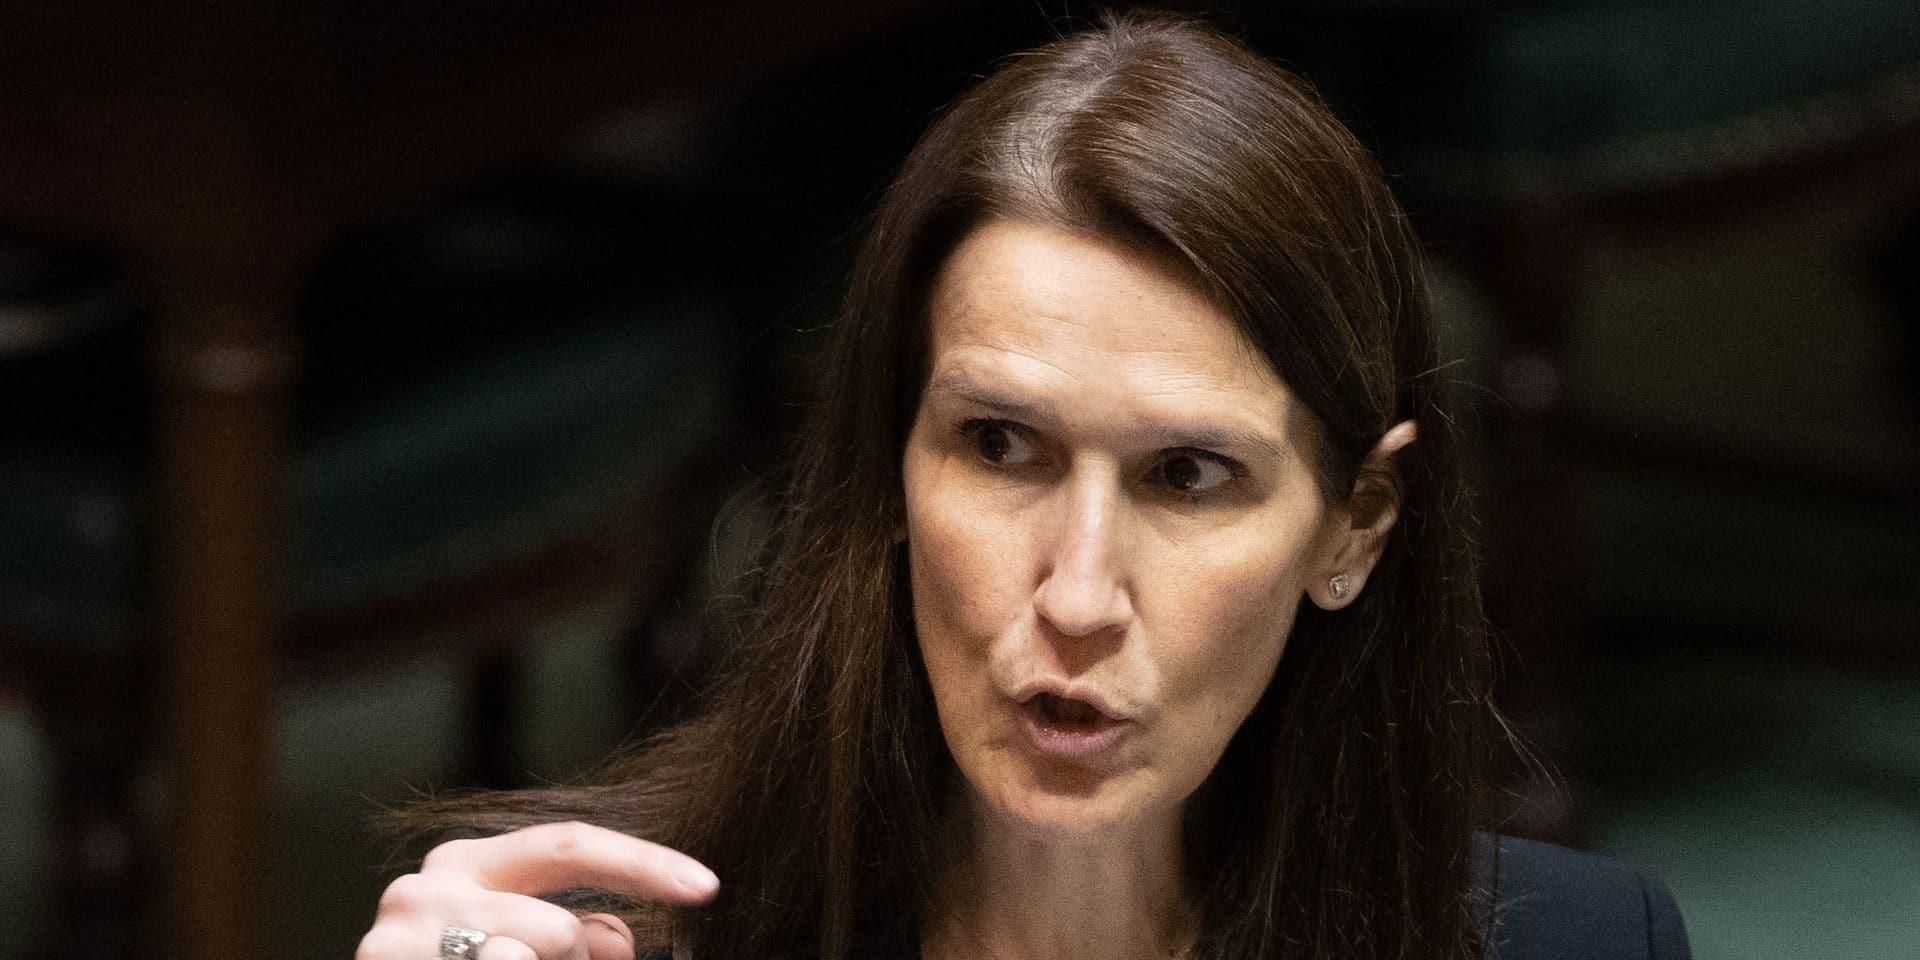 Quel bilan pour la politique des droits humains ? Sophie Wilmès défend la Belgique devant les Nations-Unies